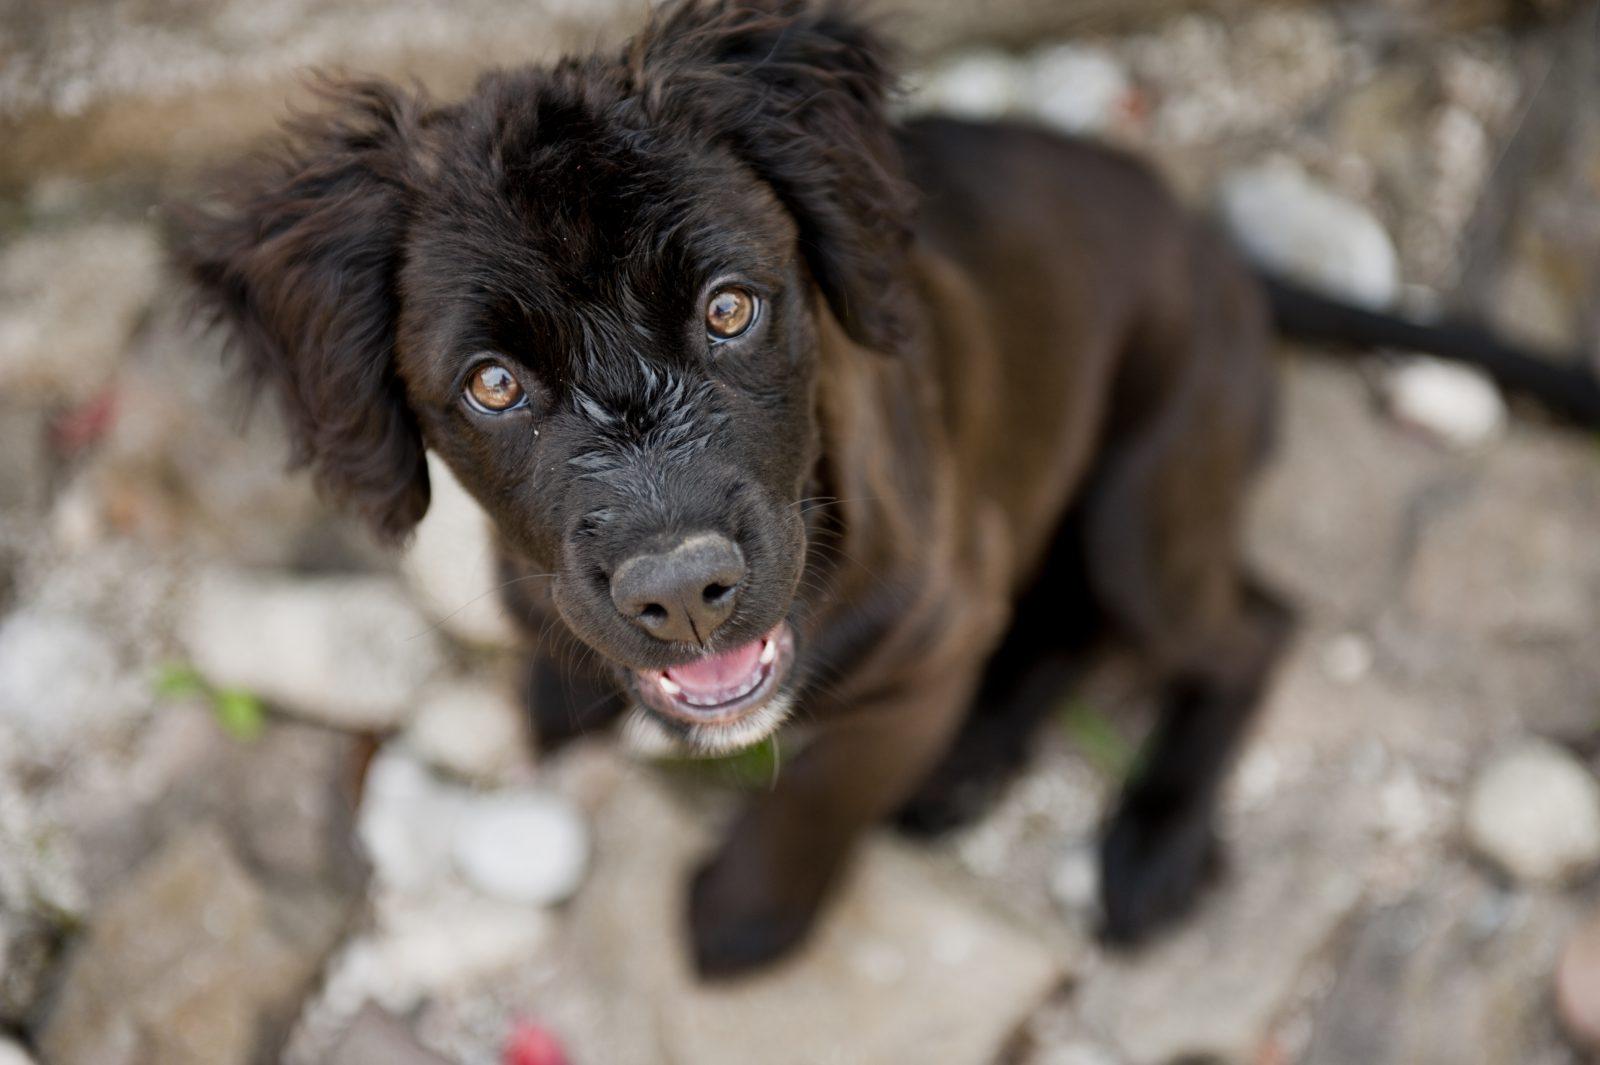 Cachorros mais vendidos: vira-latas (SRD) filhote com olhar cativante.